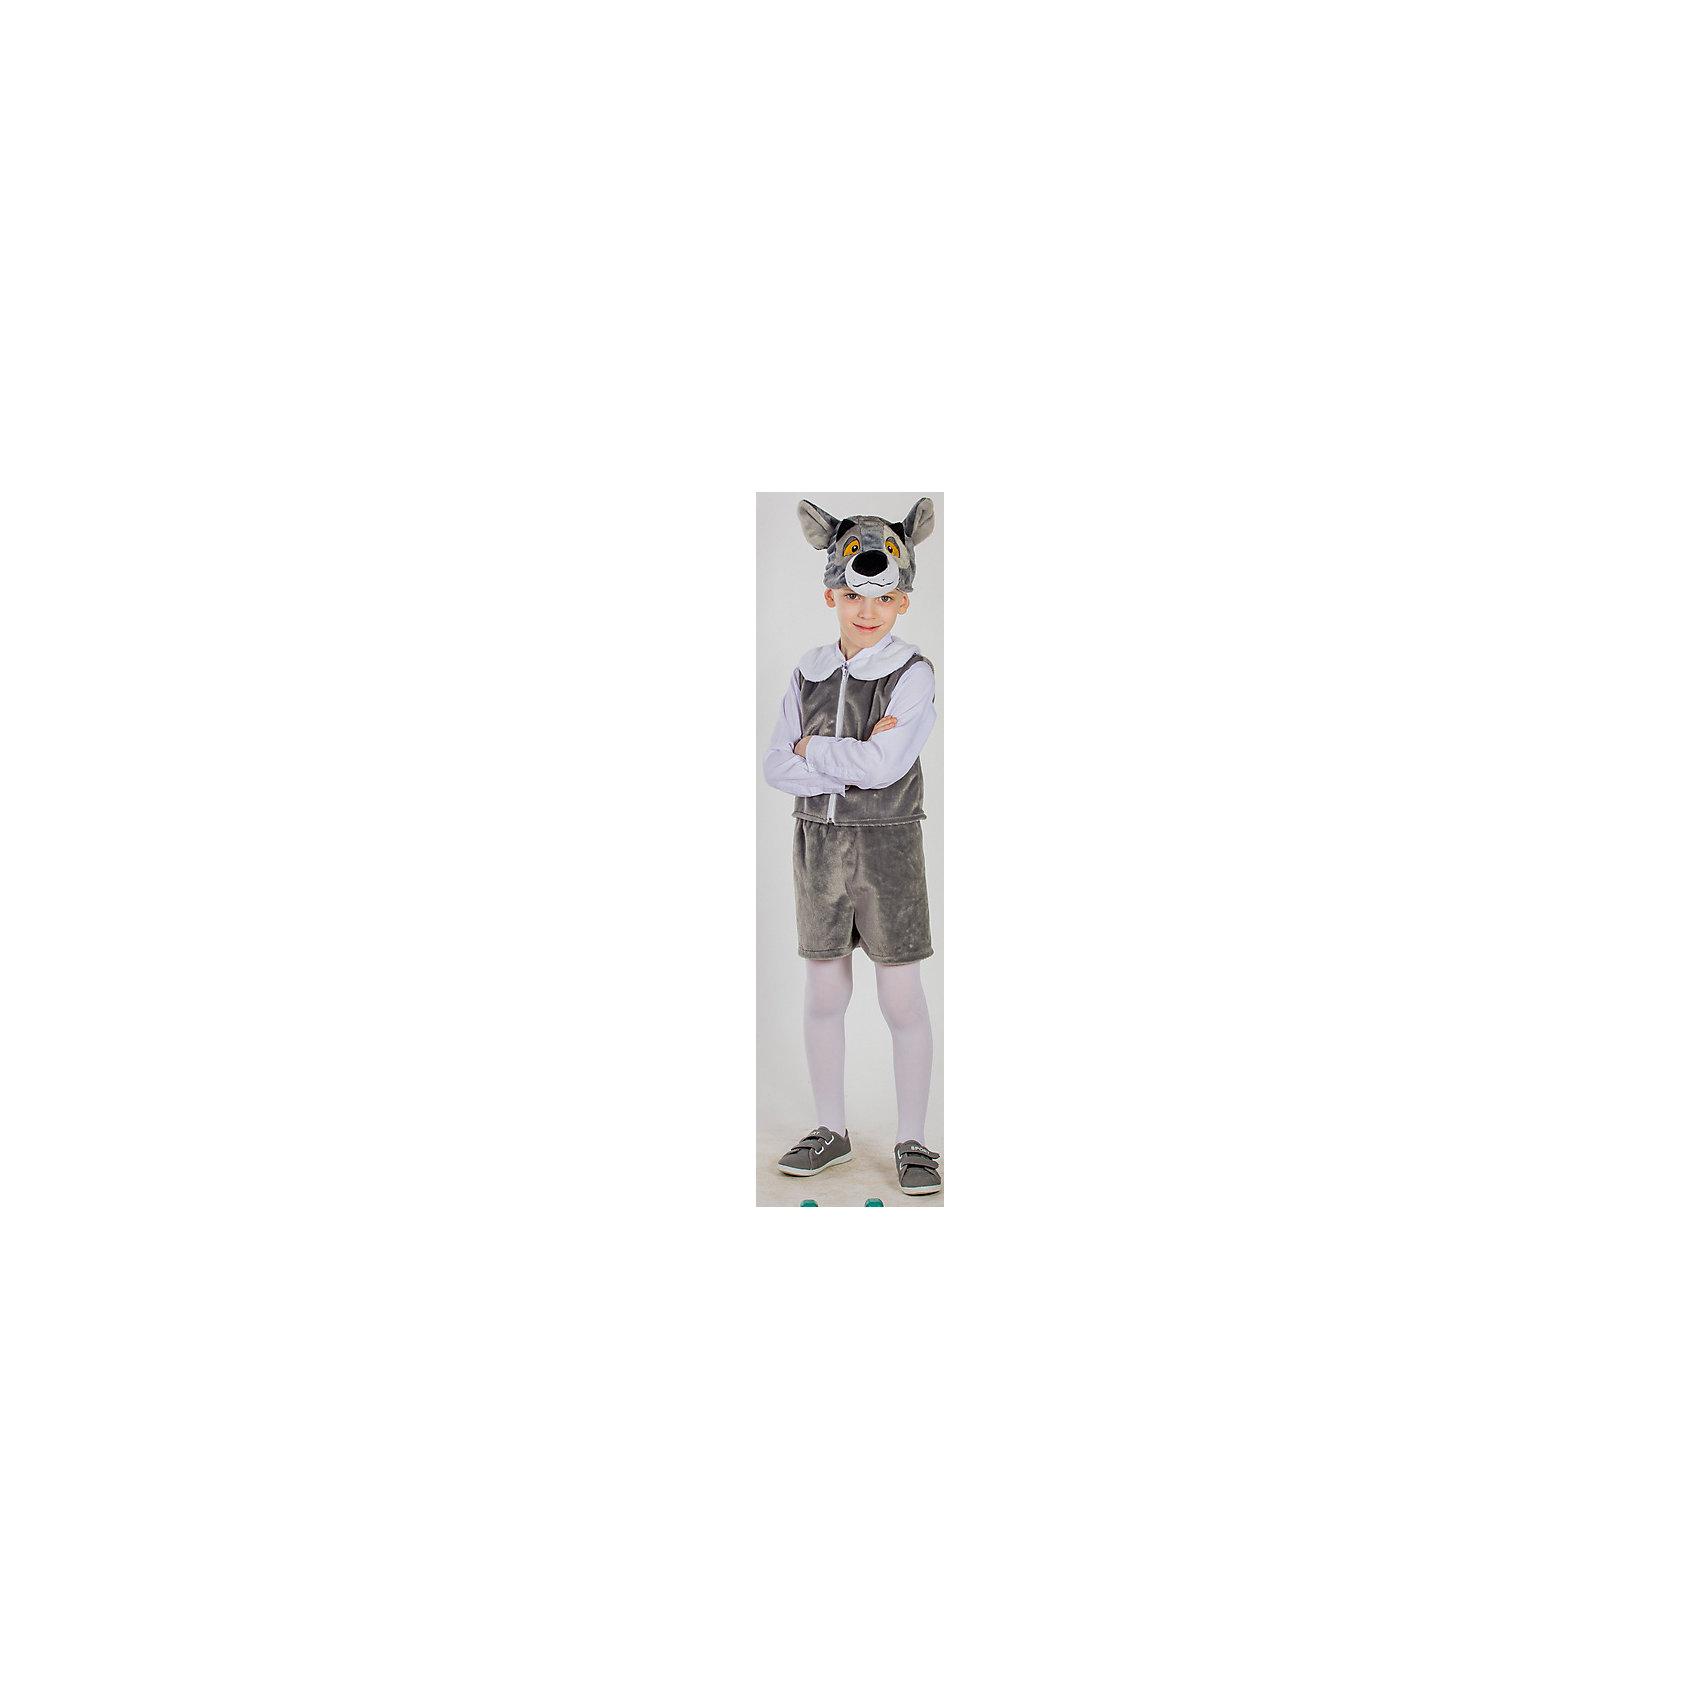 Карнавальный костюм Волчонок, КарнавалияМаски и карнавальные костюмы<br>Карнавальный костюм Волчонок, Карнавалия - симпатичный карнавальный костюм, который поможет создать необходимый образ для праздника.<br><br>Дополнительная информация:<br><br>В комплект входит: шорты, жилет, шапочка.<br>Материал: 100% полиэстер.<br><br>Карнавальный костюм Волчонок, Карнавалия можно купить в нашем интернет-магазине.<br><br>Ширина мм: 460<br>Глубина мм: 90<br>Высота мм: 360<br>Вес г: 375<br>Цвет: белый<br>Возраст от месяцев: 36<br>Возраст до месяцев: 84<br>Пол: Унисекс<br>Возраст: Детский<br>Размер: 122/128<br>SKU: 4764392